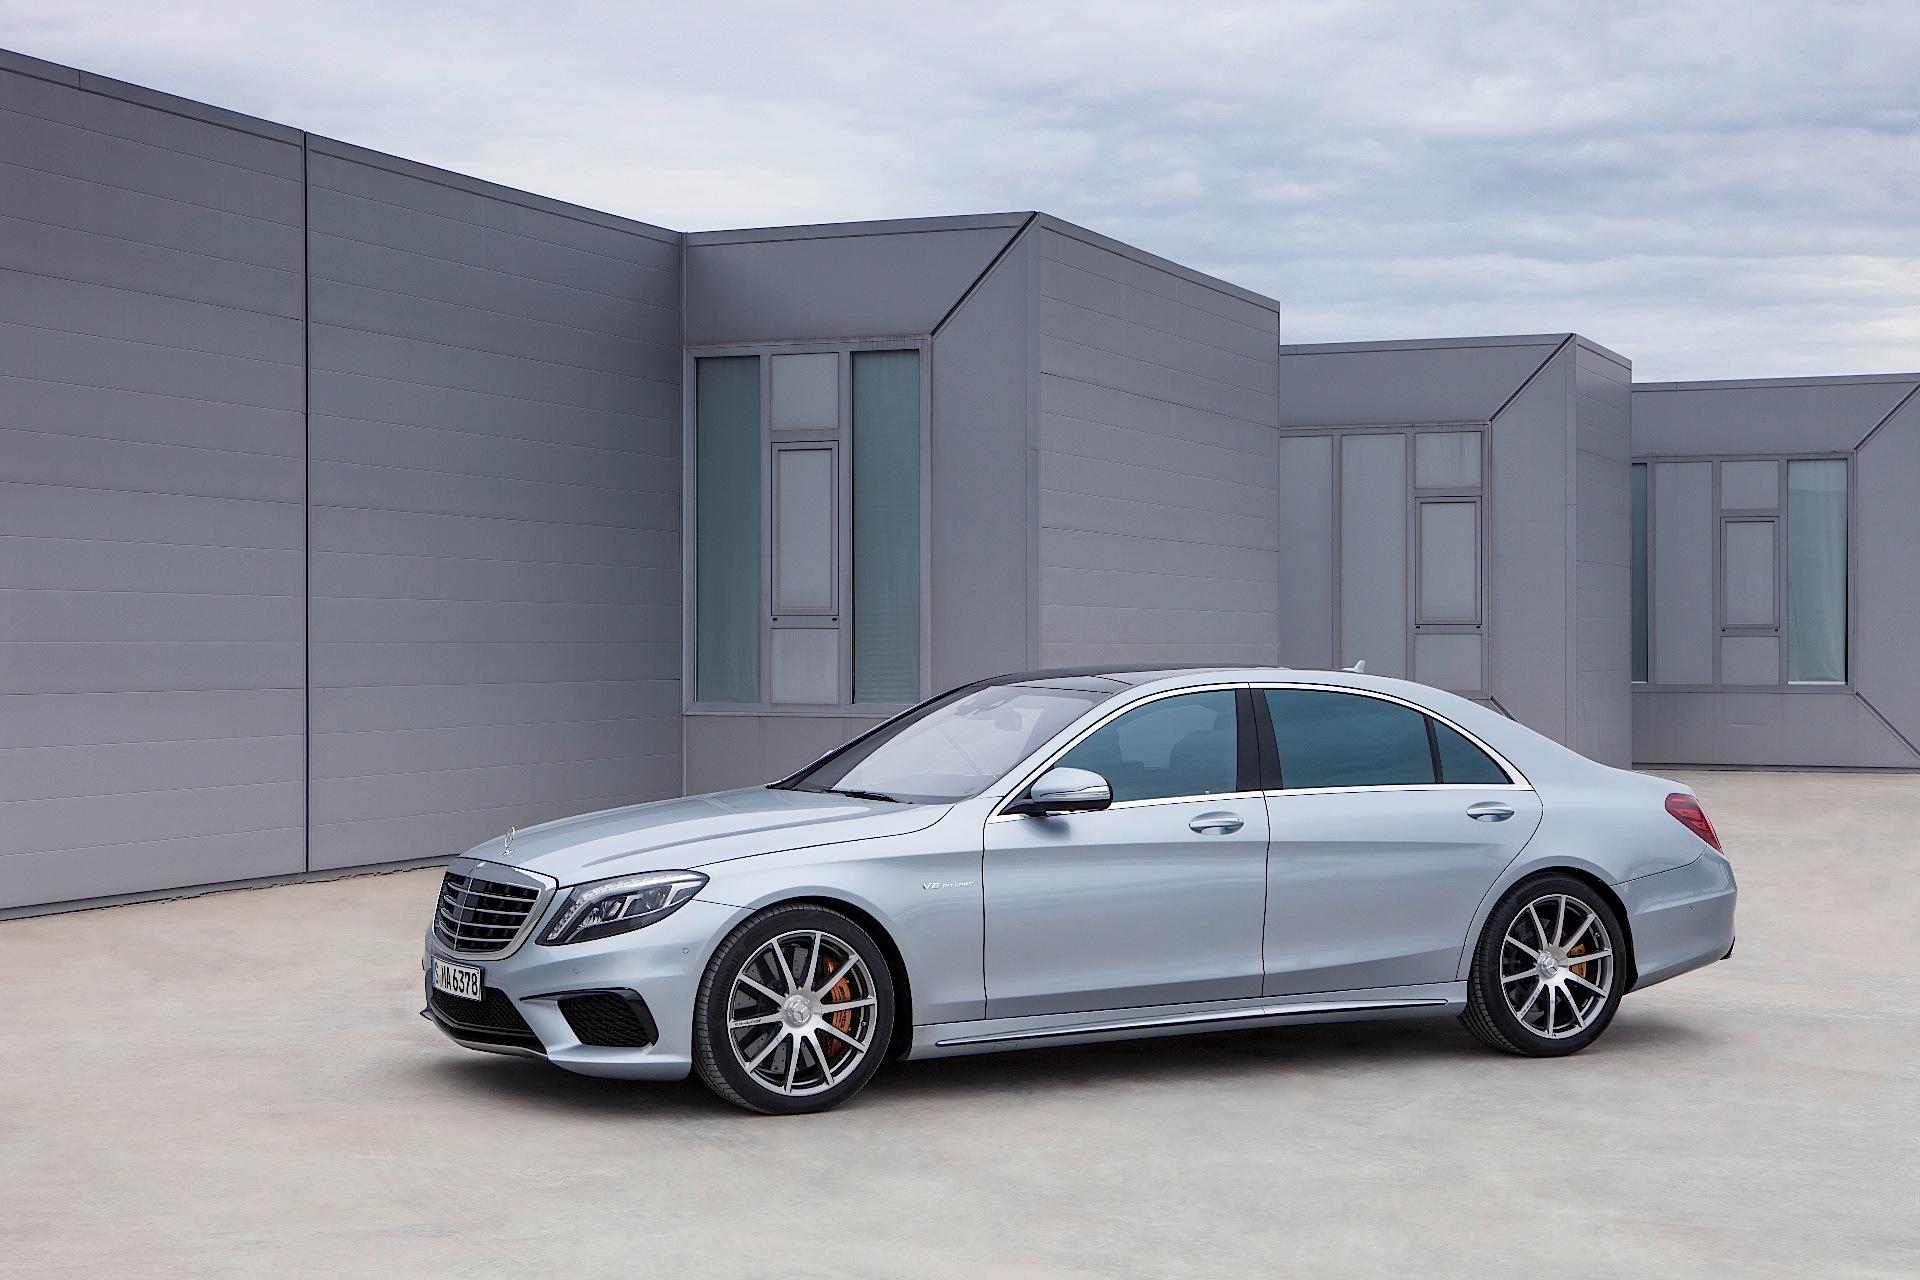 Mercedes Benz S 63 Amg W222 2017